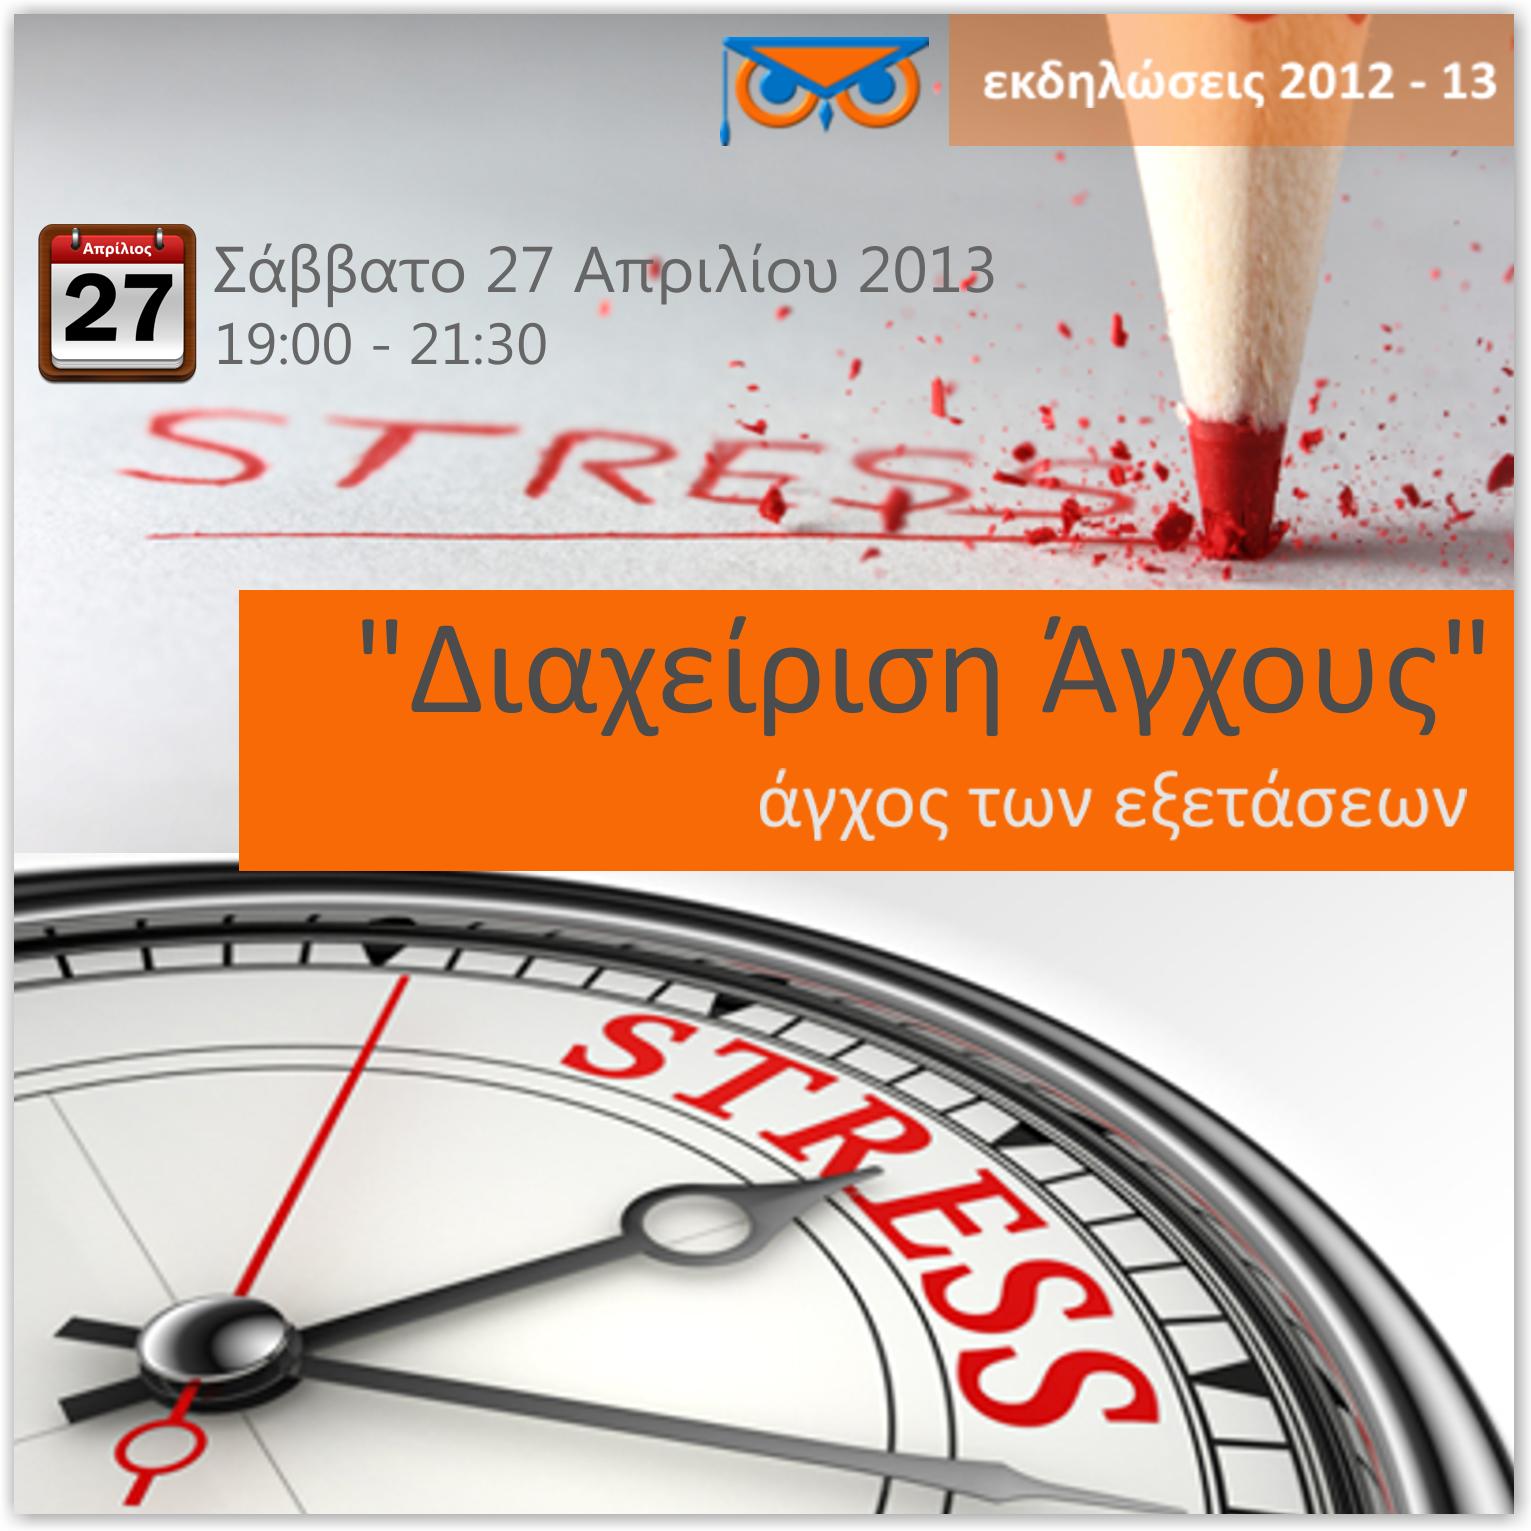 Σεμινάριο: Διαχείριση άγχους